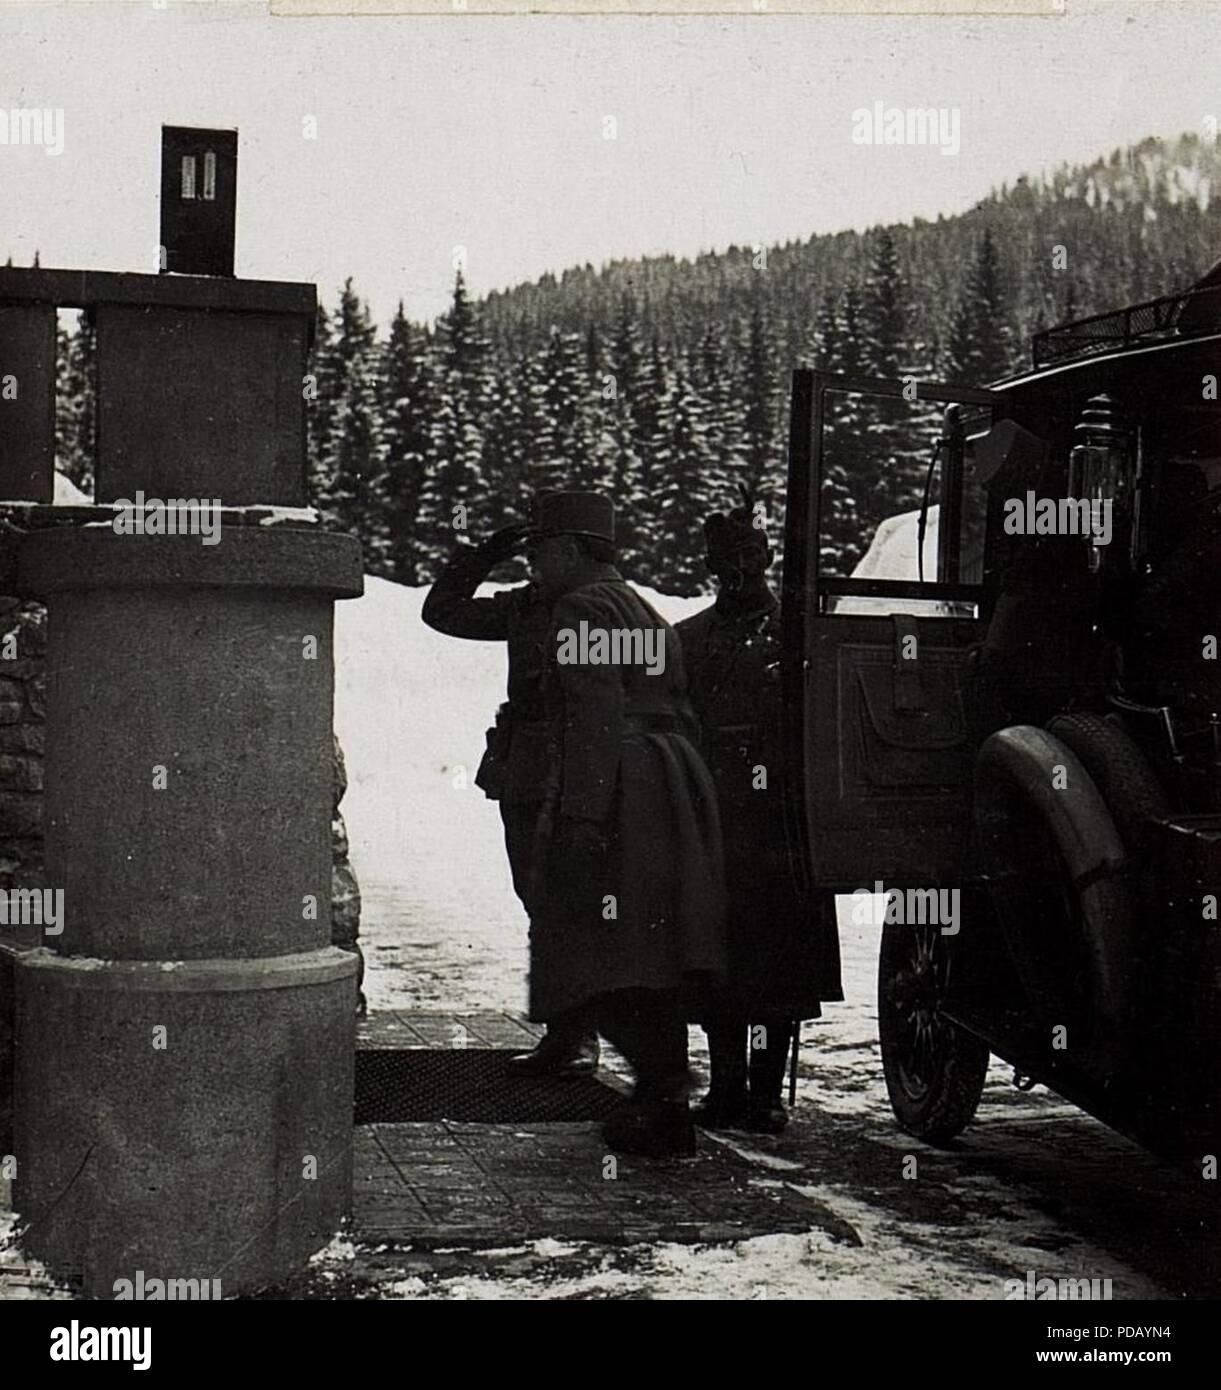 Ankunft des Feldmarschall von Conrad beim 90. Infanteriedivisionskommando in Karersee. - Stock Image